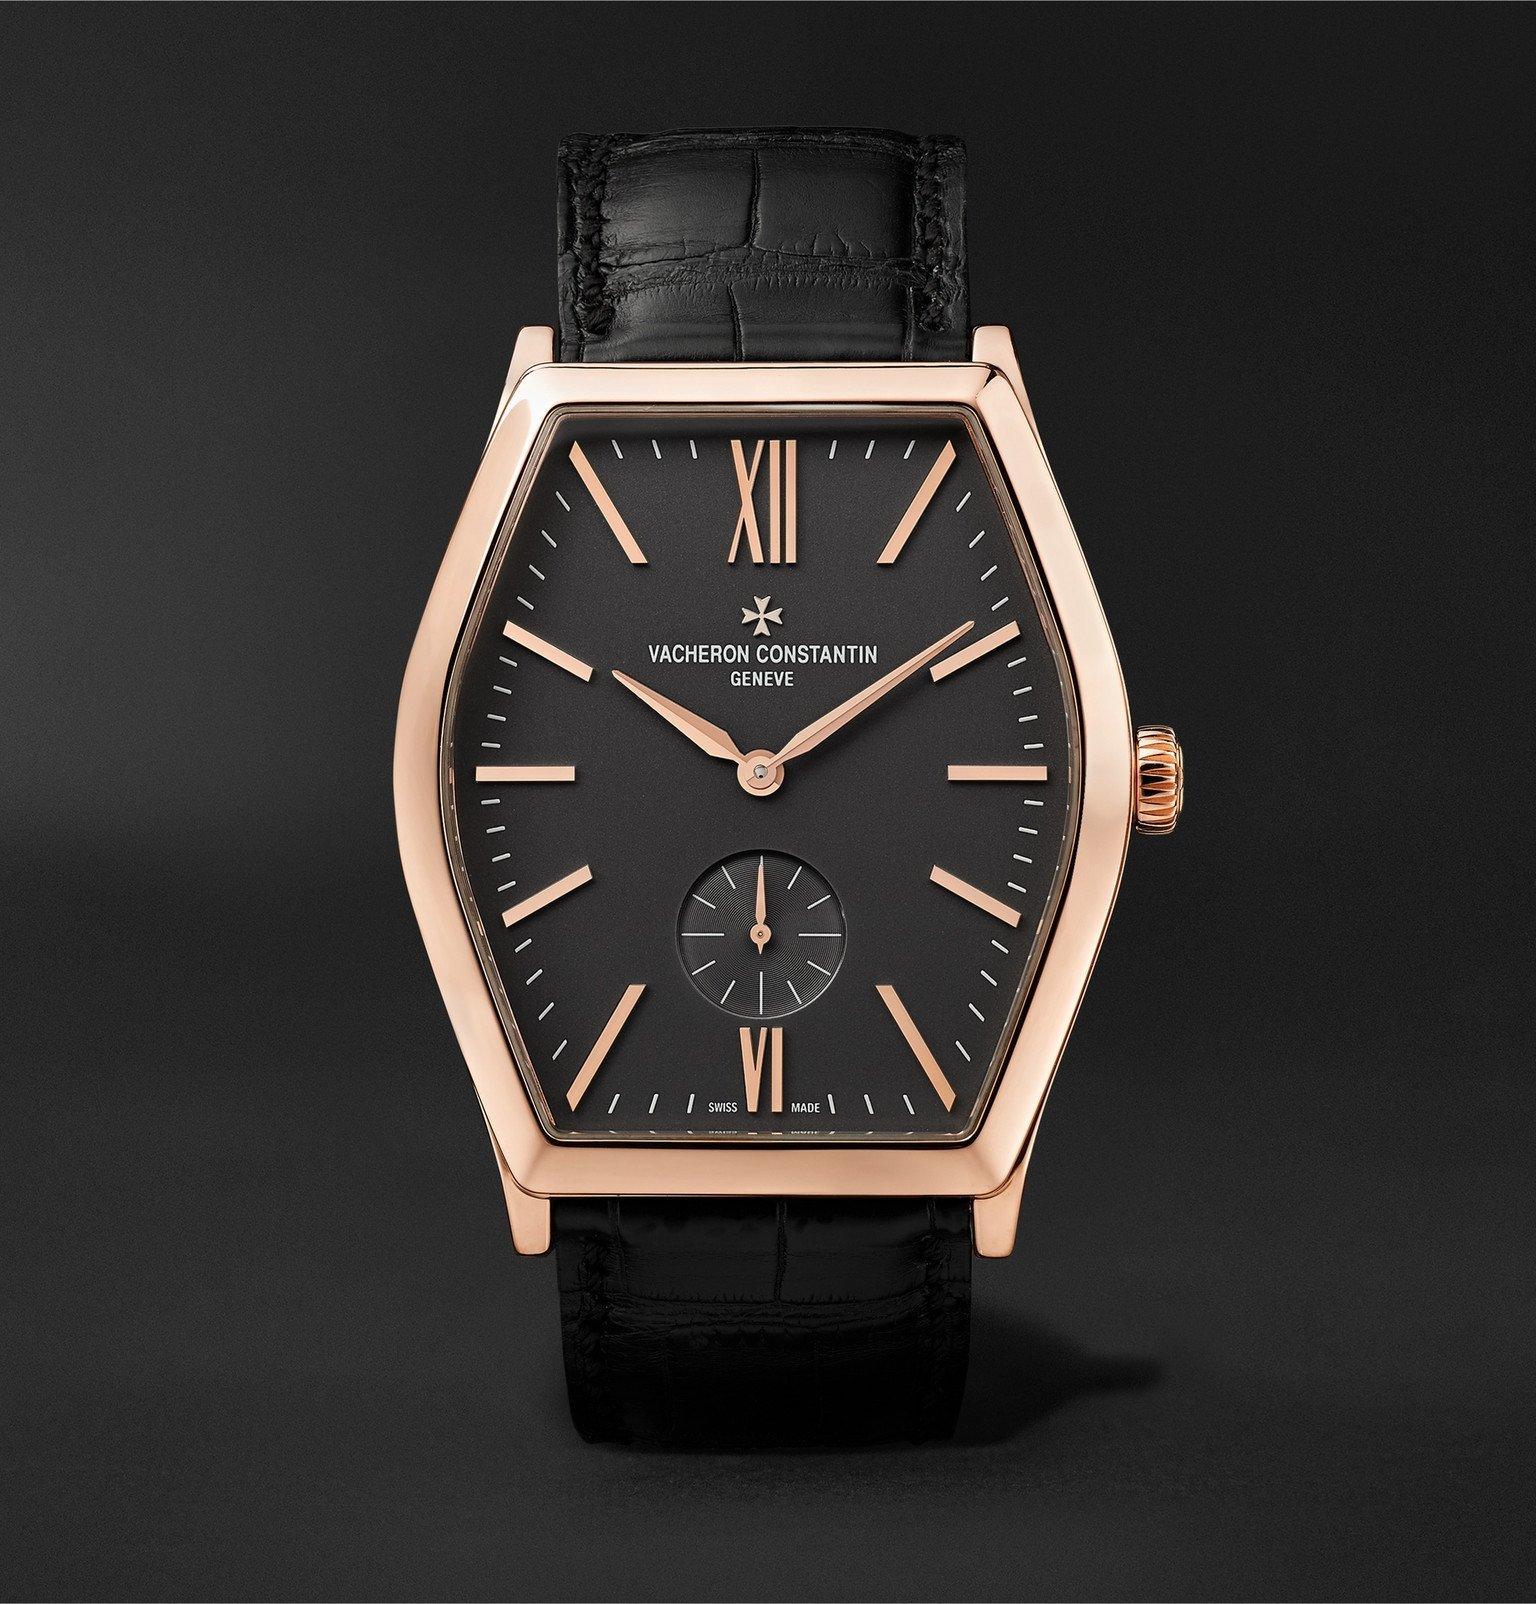 Photo: Vacheron Constantin - Malte Hand-Wound 42mm 18-Karat Pink Gold and Alligator Watch, Ref. No. 82230/000R-9716 - Black